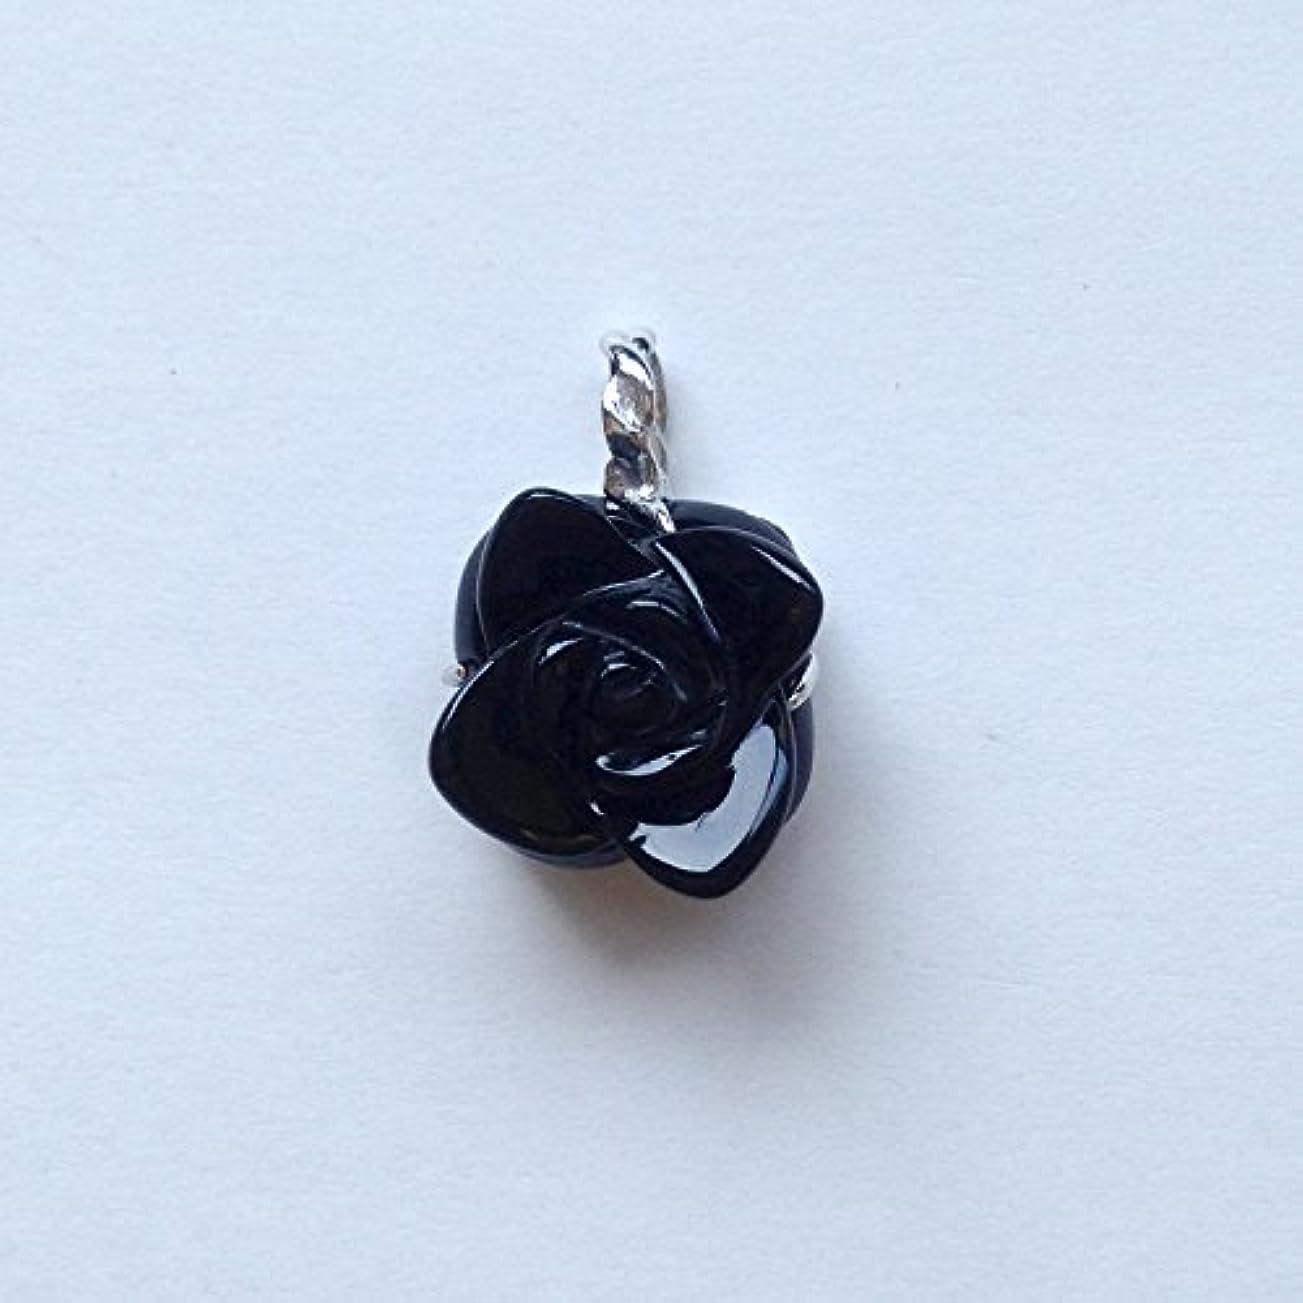 また明日ね形式クラウド香る宝石SVオニキスペンダント通常¥26,800の所 (Ag925)